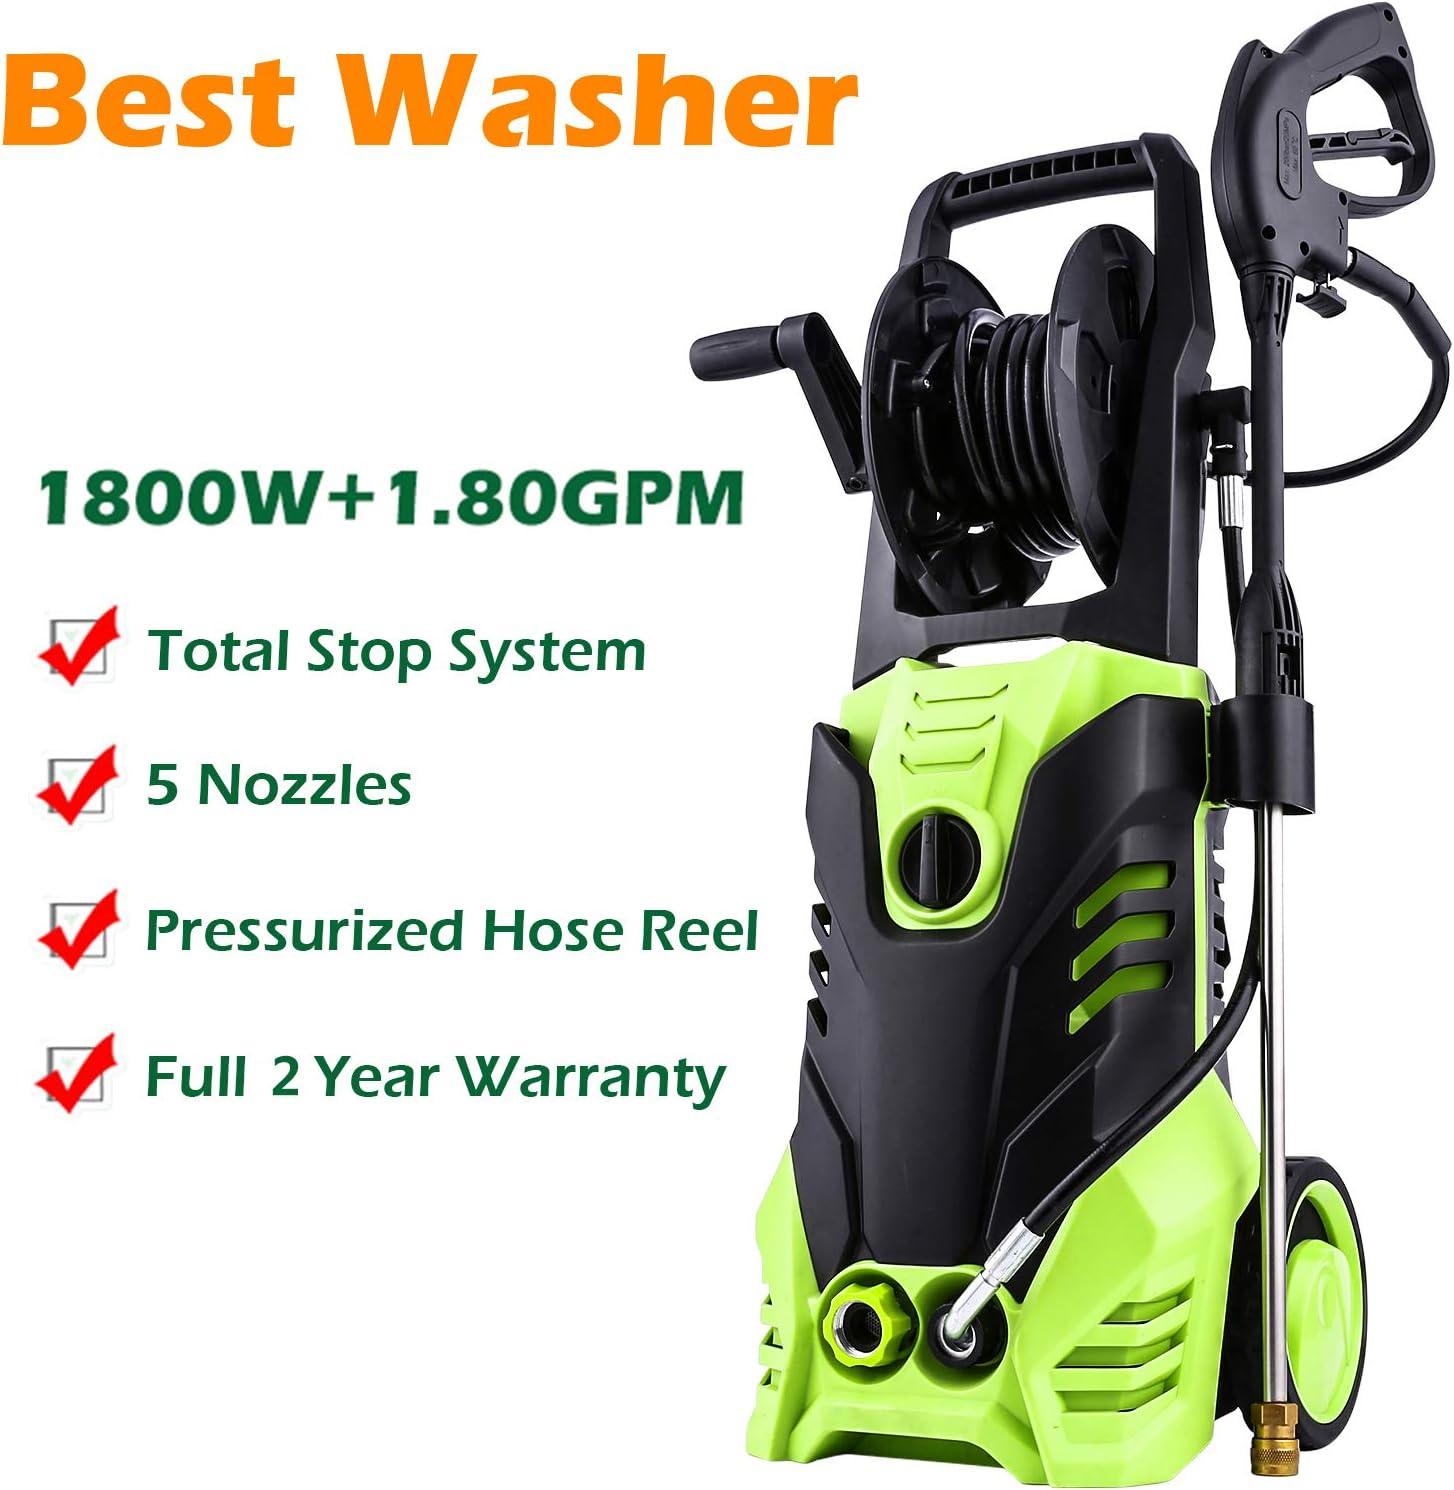 Homdox 3000 PSI Electric Pressure Washer, 1.80GPM High Pressure Washer, Professional Washer Cleaner Machine 1800W Green